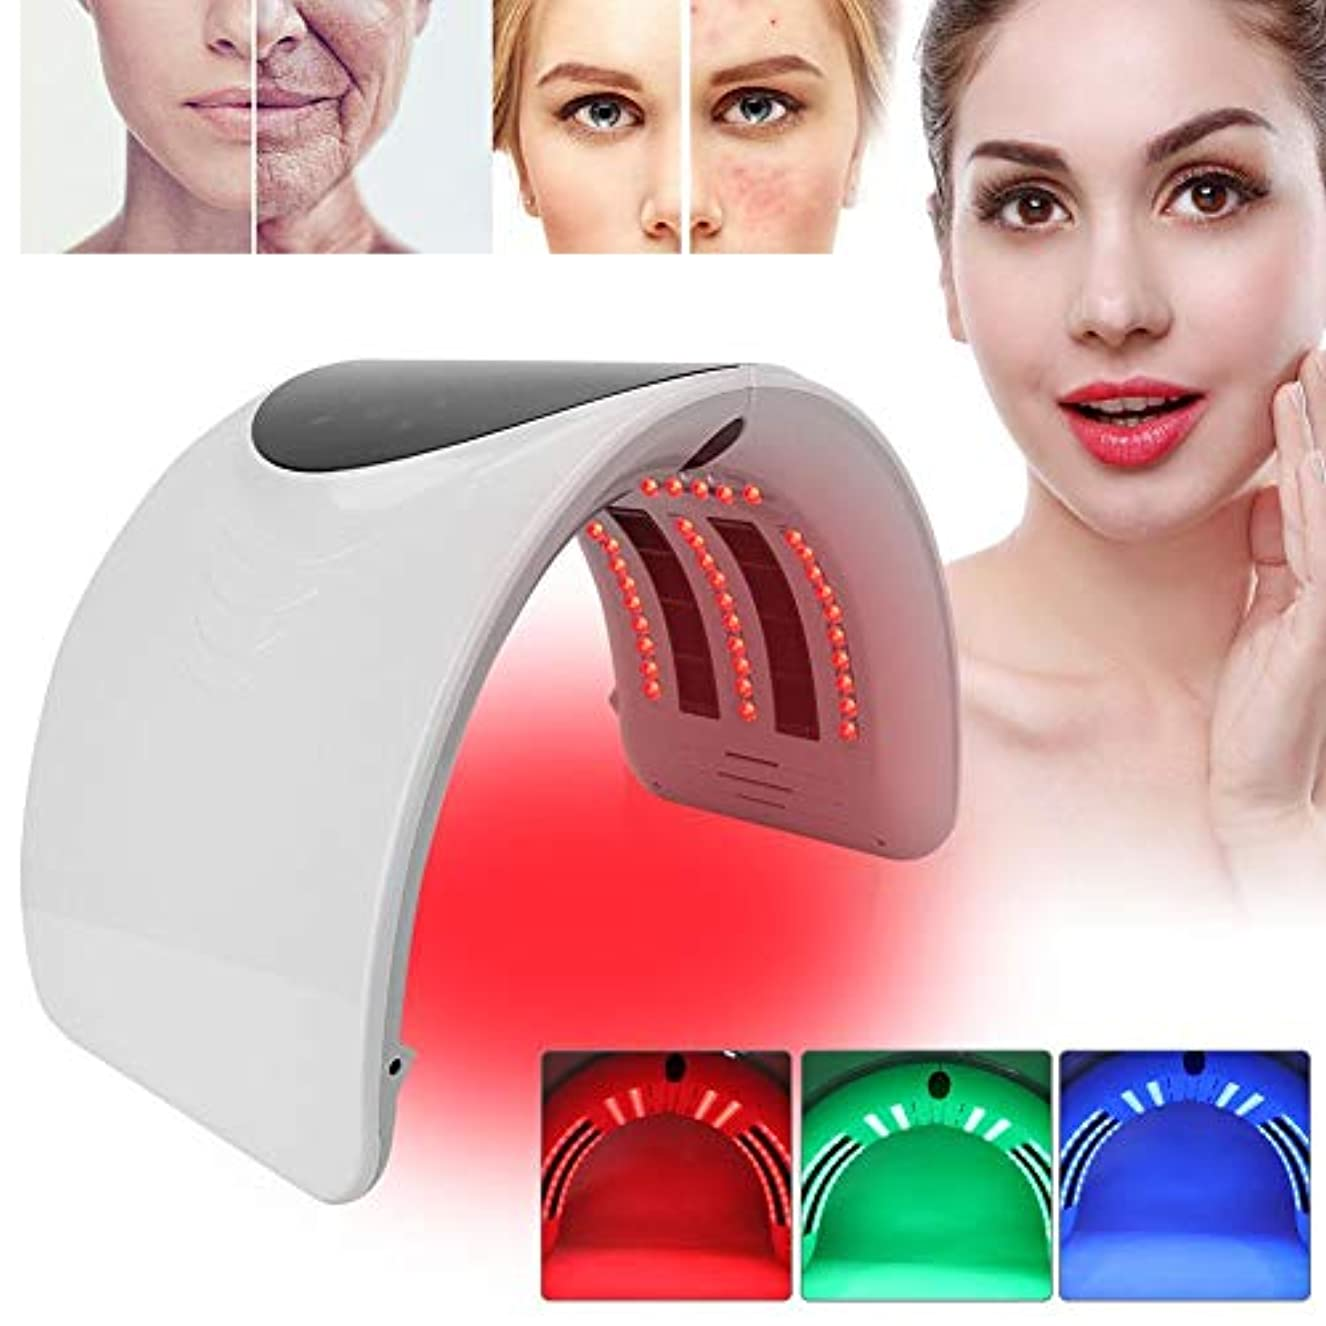 統合グロー便利さ皮のより良い機械、光子の美機械は効果的にアクネの傷およびアレルギーの皮LEDの光子機械皮の美装置を改良します(US-PLUG)